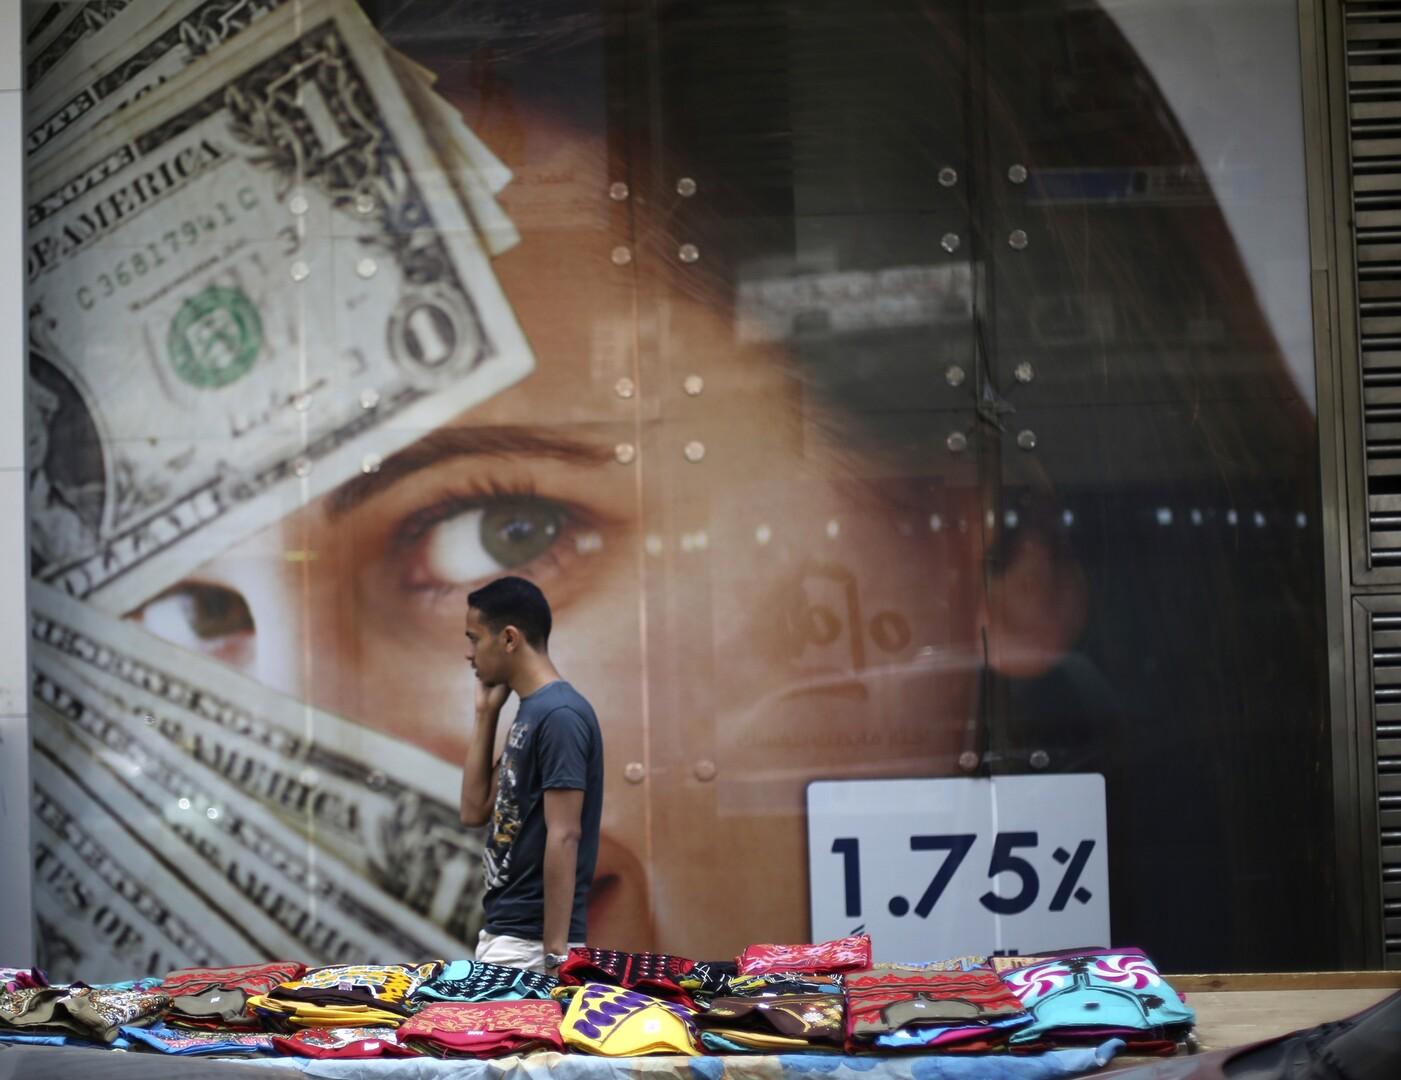 البورصة المصرية في المنطقة الخضراء